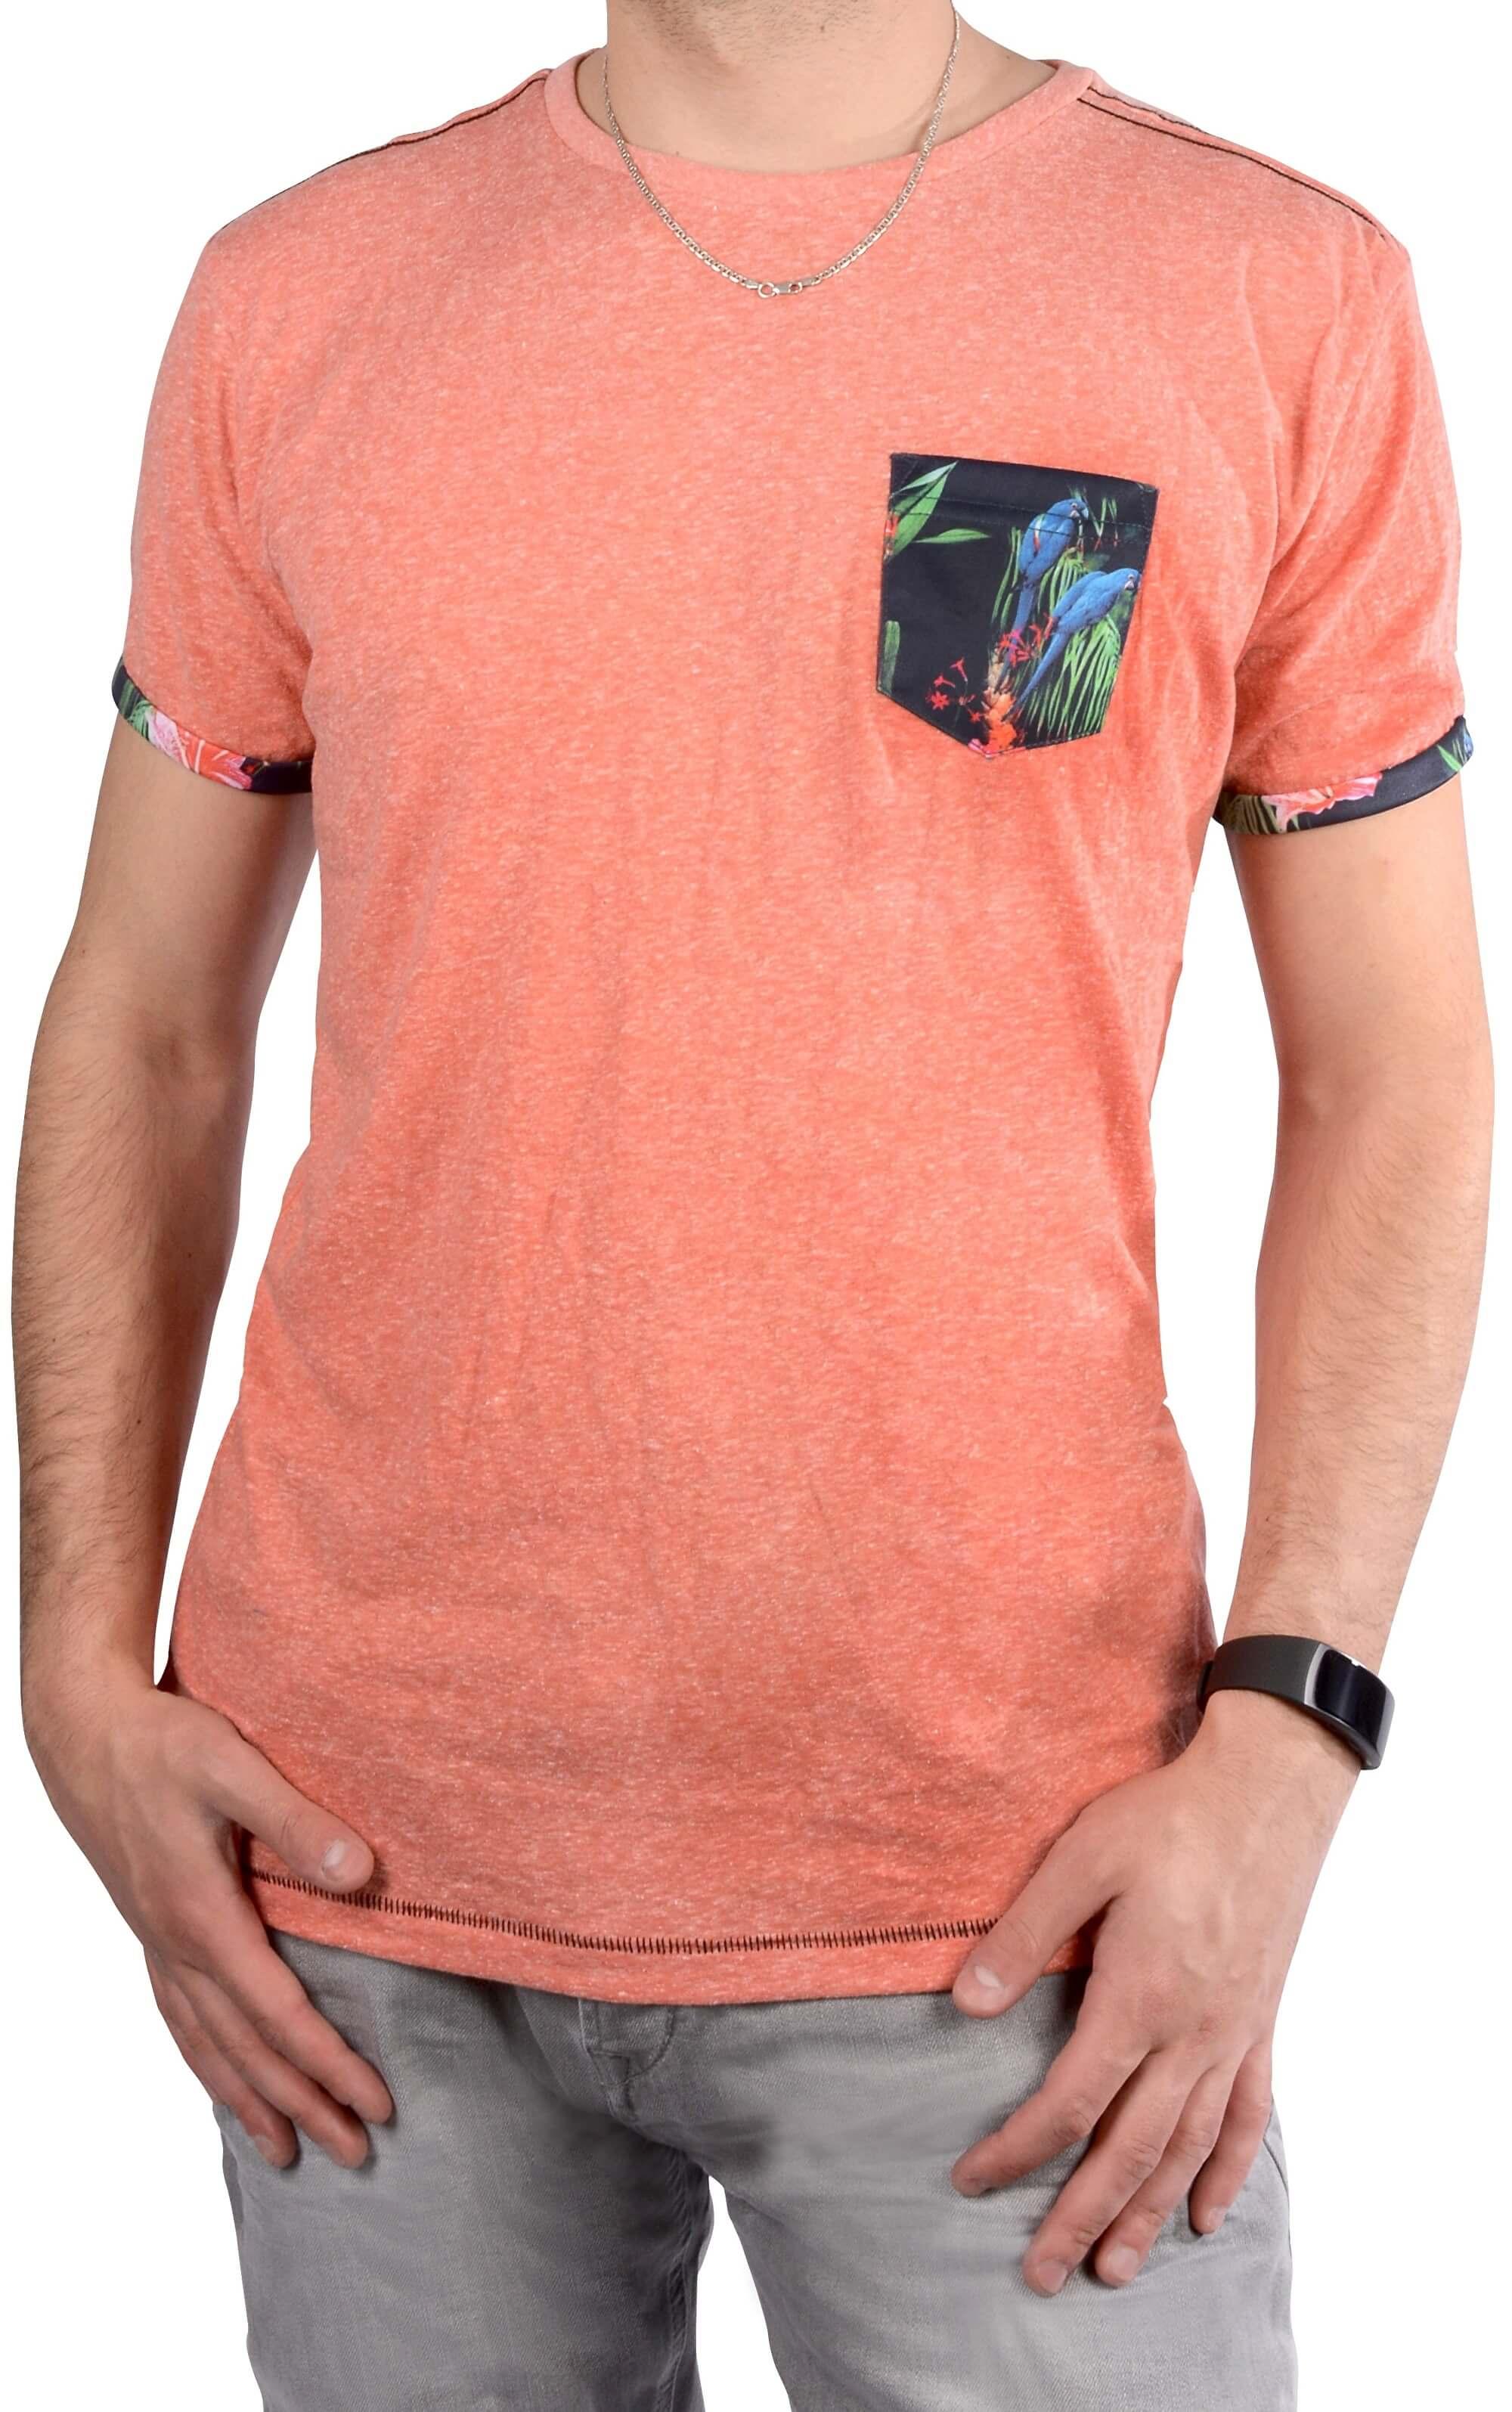 Cars Jeans Pánské růžové tričko s potiskem Colon Coral 4088264 ... 40f5830a43